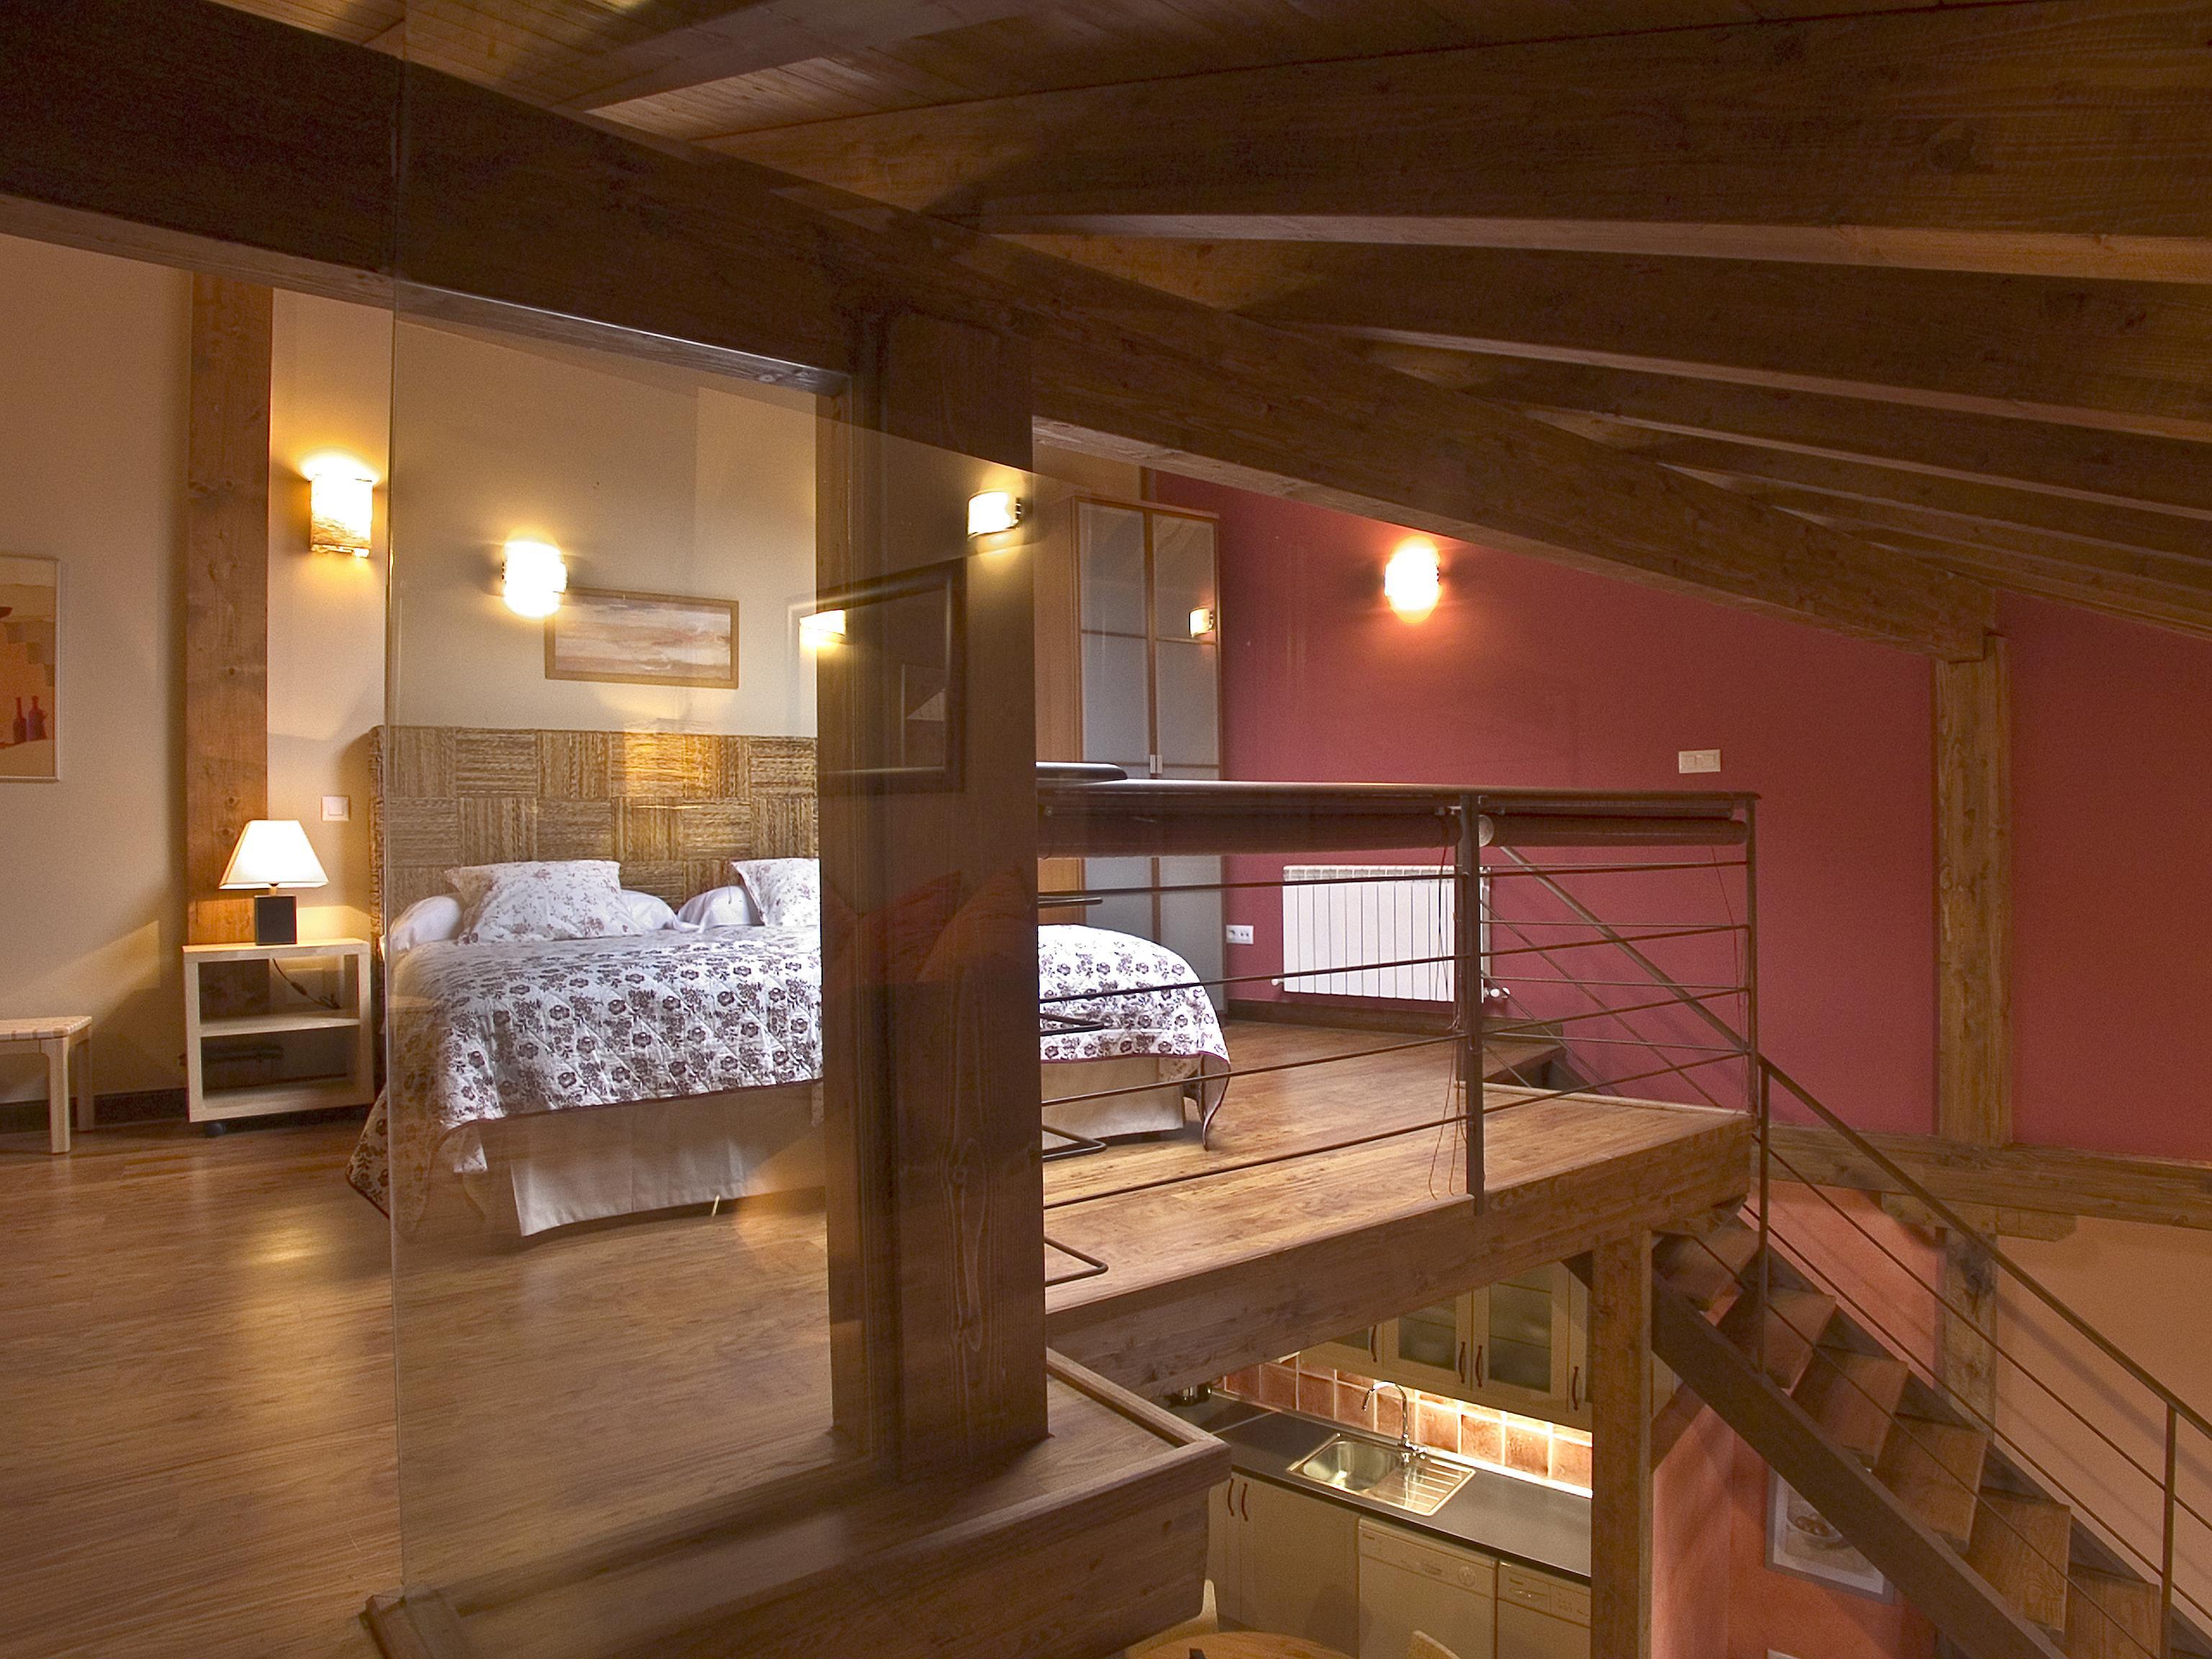 Apartamentos ezcaray duplex alojamientos la rioja turismo - Fotos de duplex ...